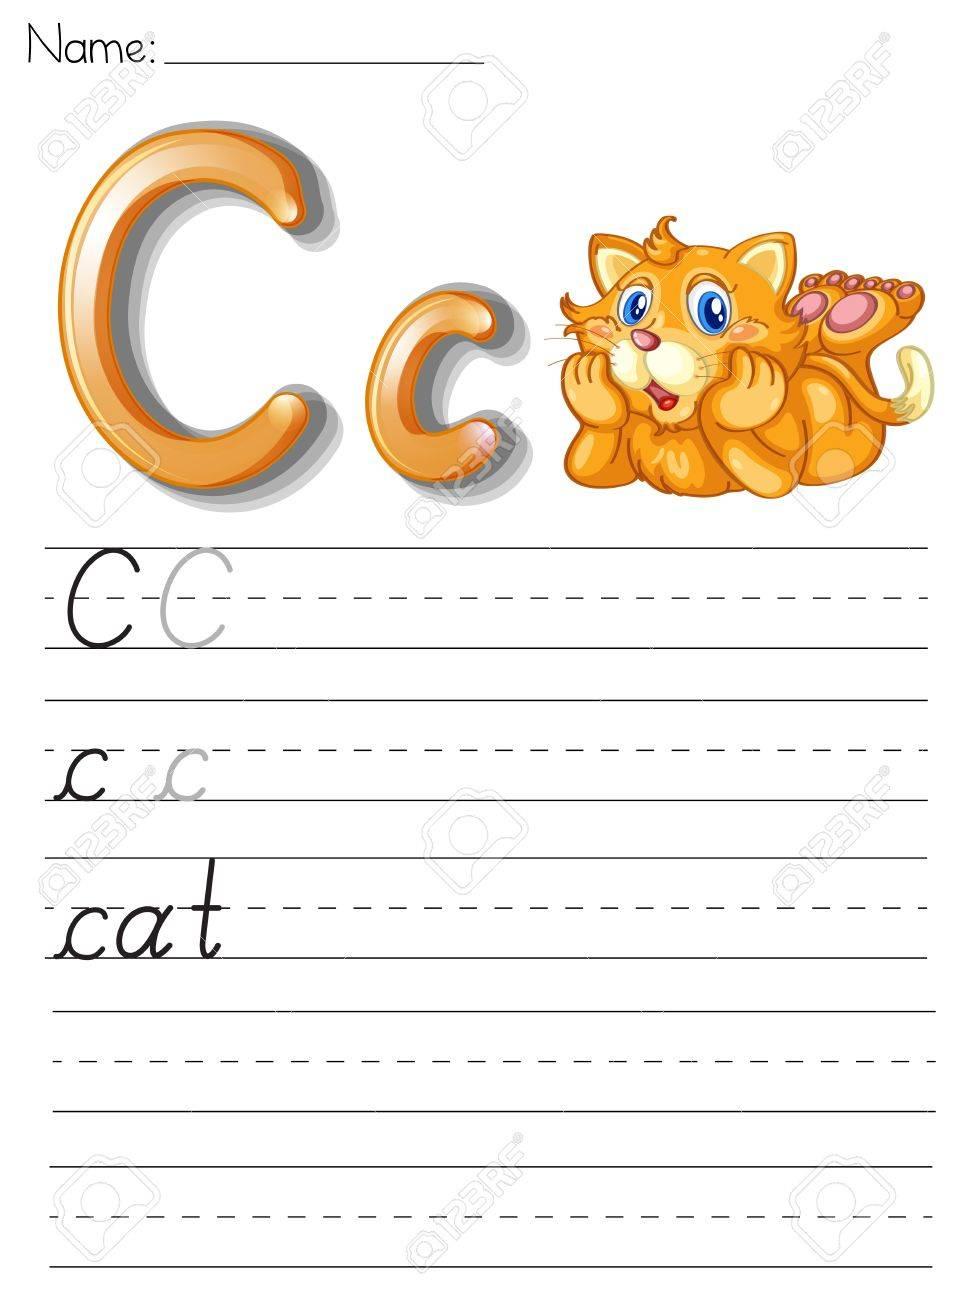 Alphabet worksheet on white paper Stock Vector - 13858703